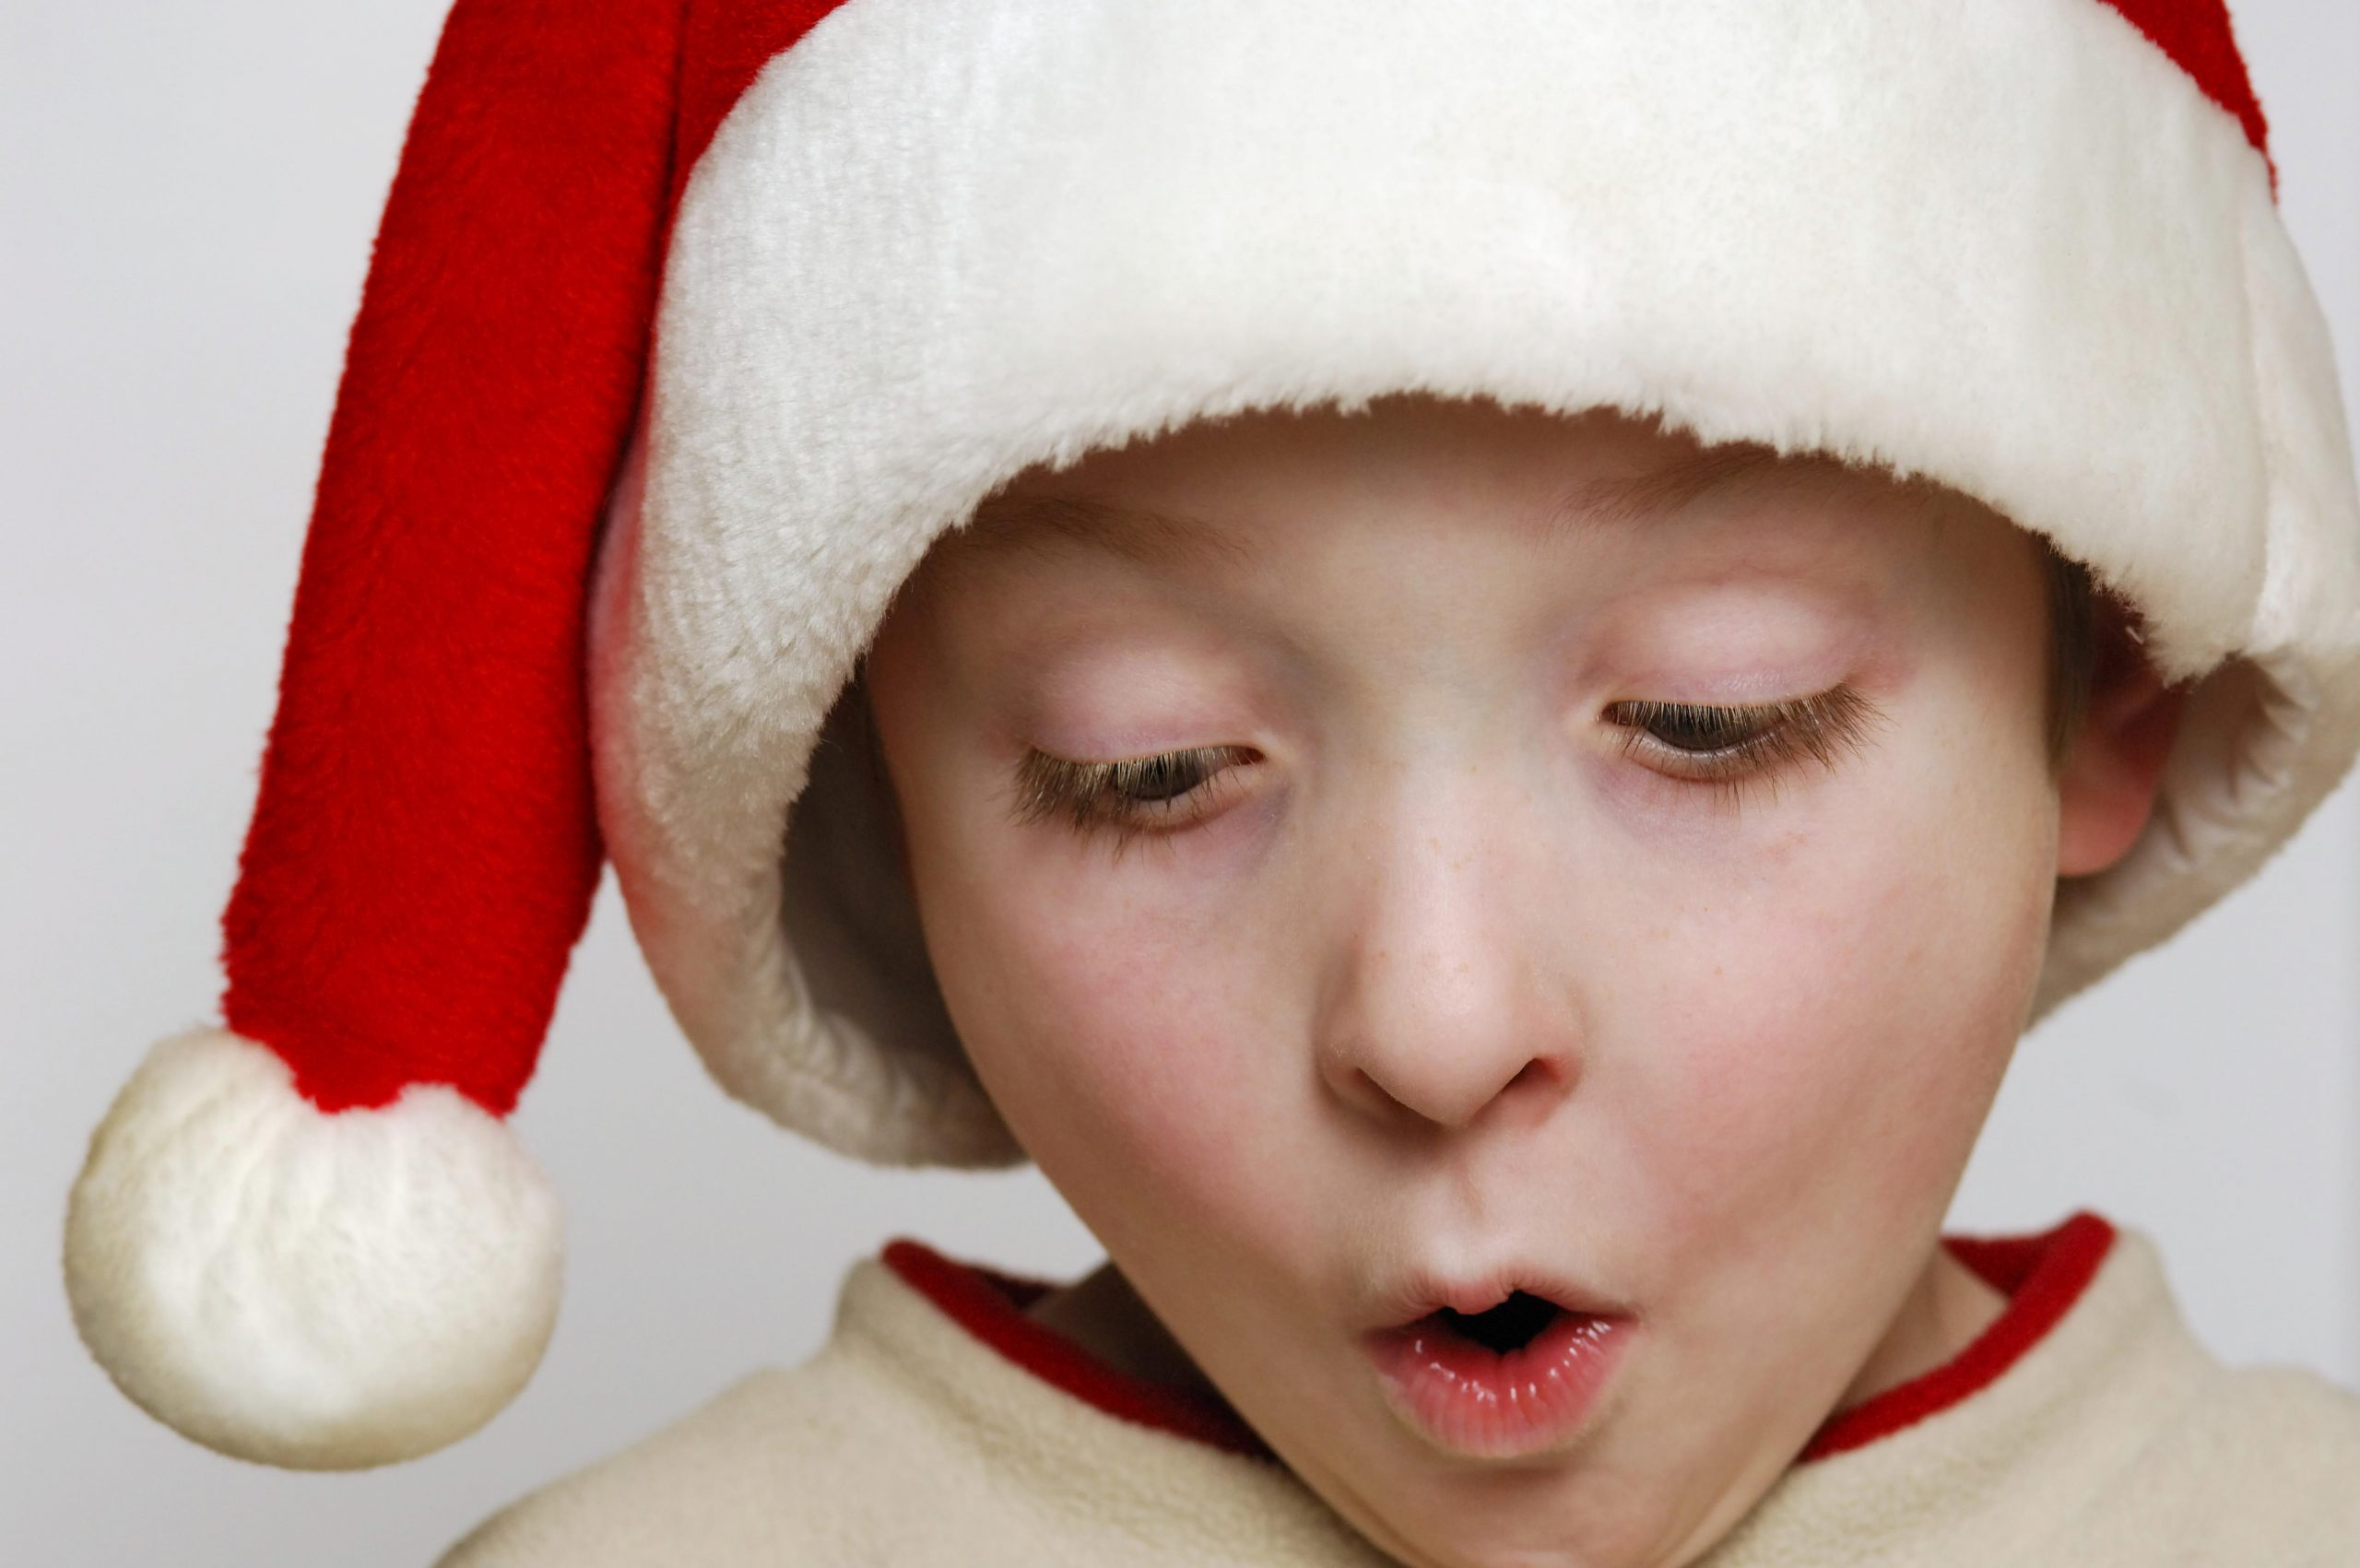 Staunende Kinderaugen: ein Weihnachtsgeschenk für Erwachsene